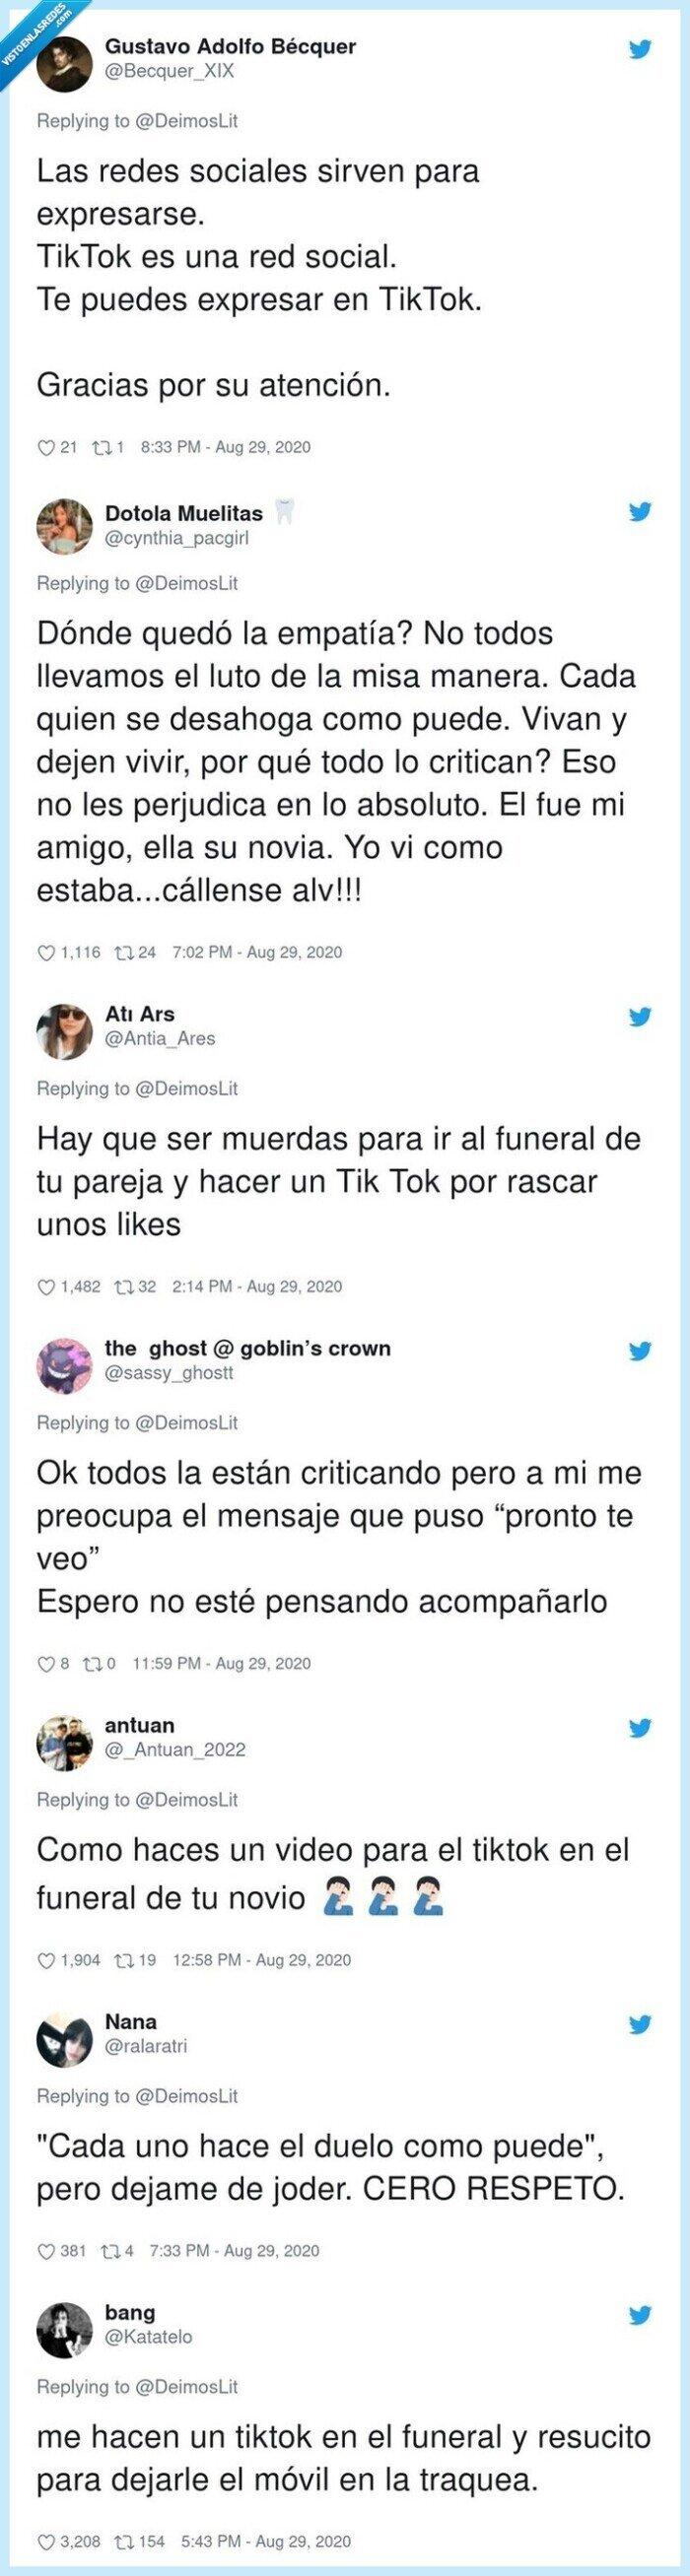 675212 - El lado más creepy de las redes sociales: una chica graba un TikTok en el funeral de su novio y se abre un intenso debate moral